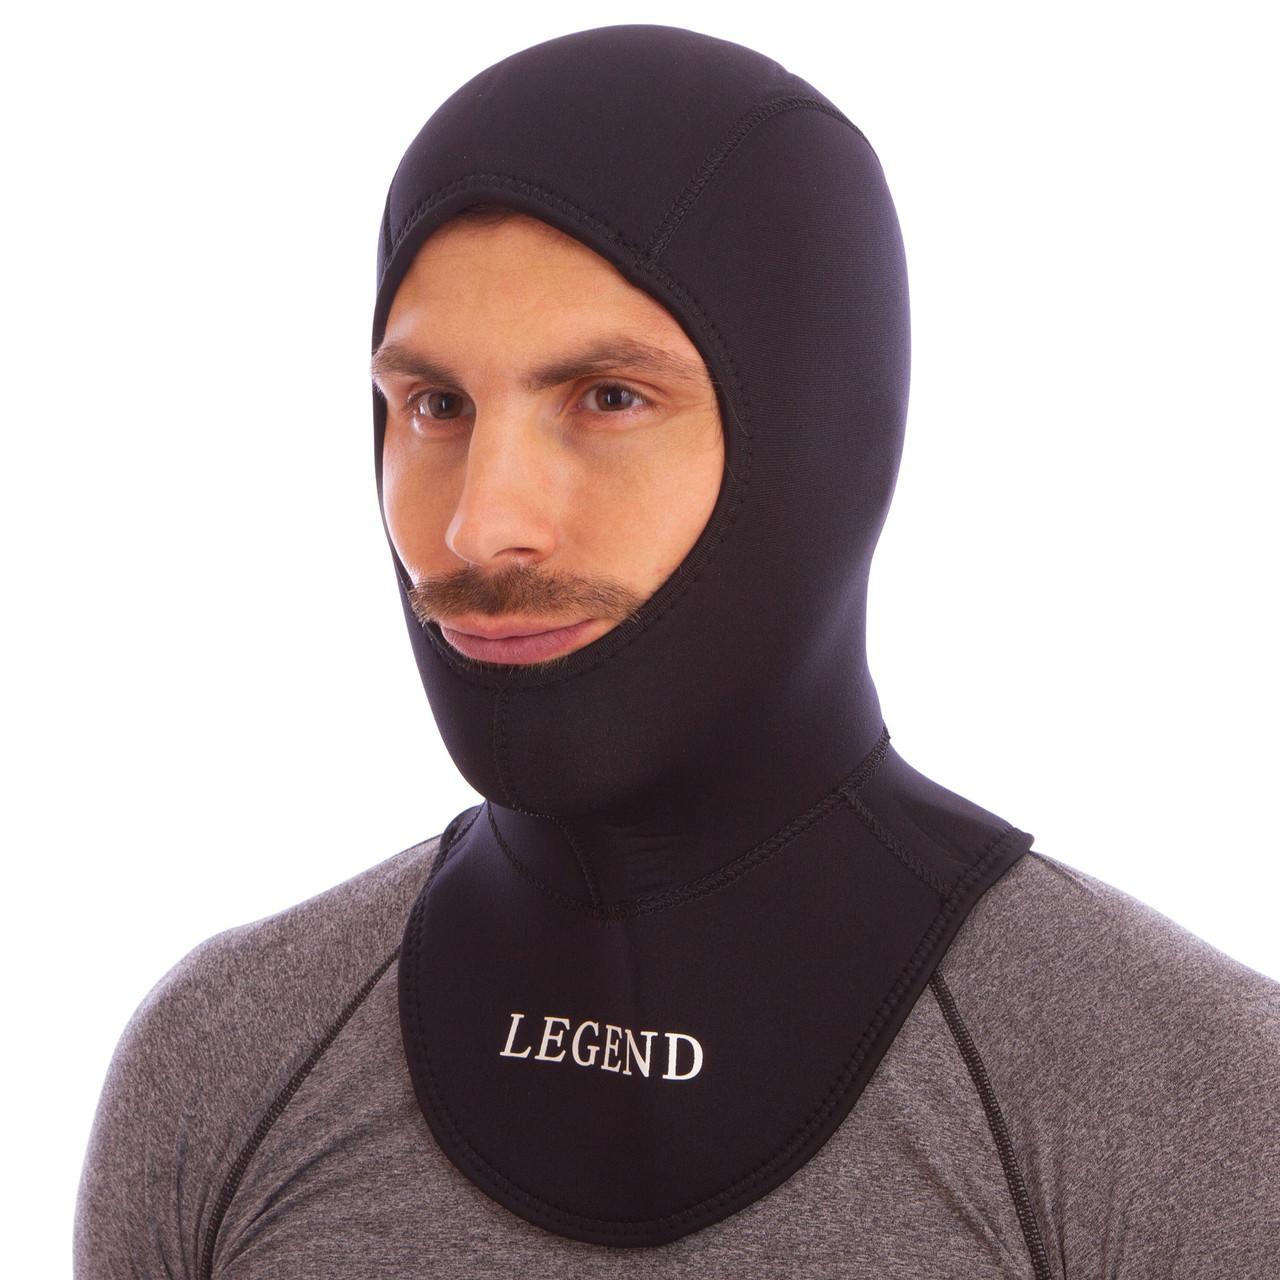 Шлем неопреновый для дайвинга 5 мм LEGEND PL-6303-5, M